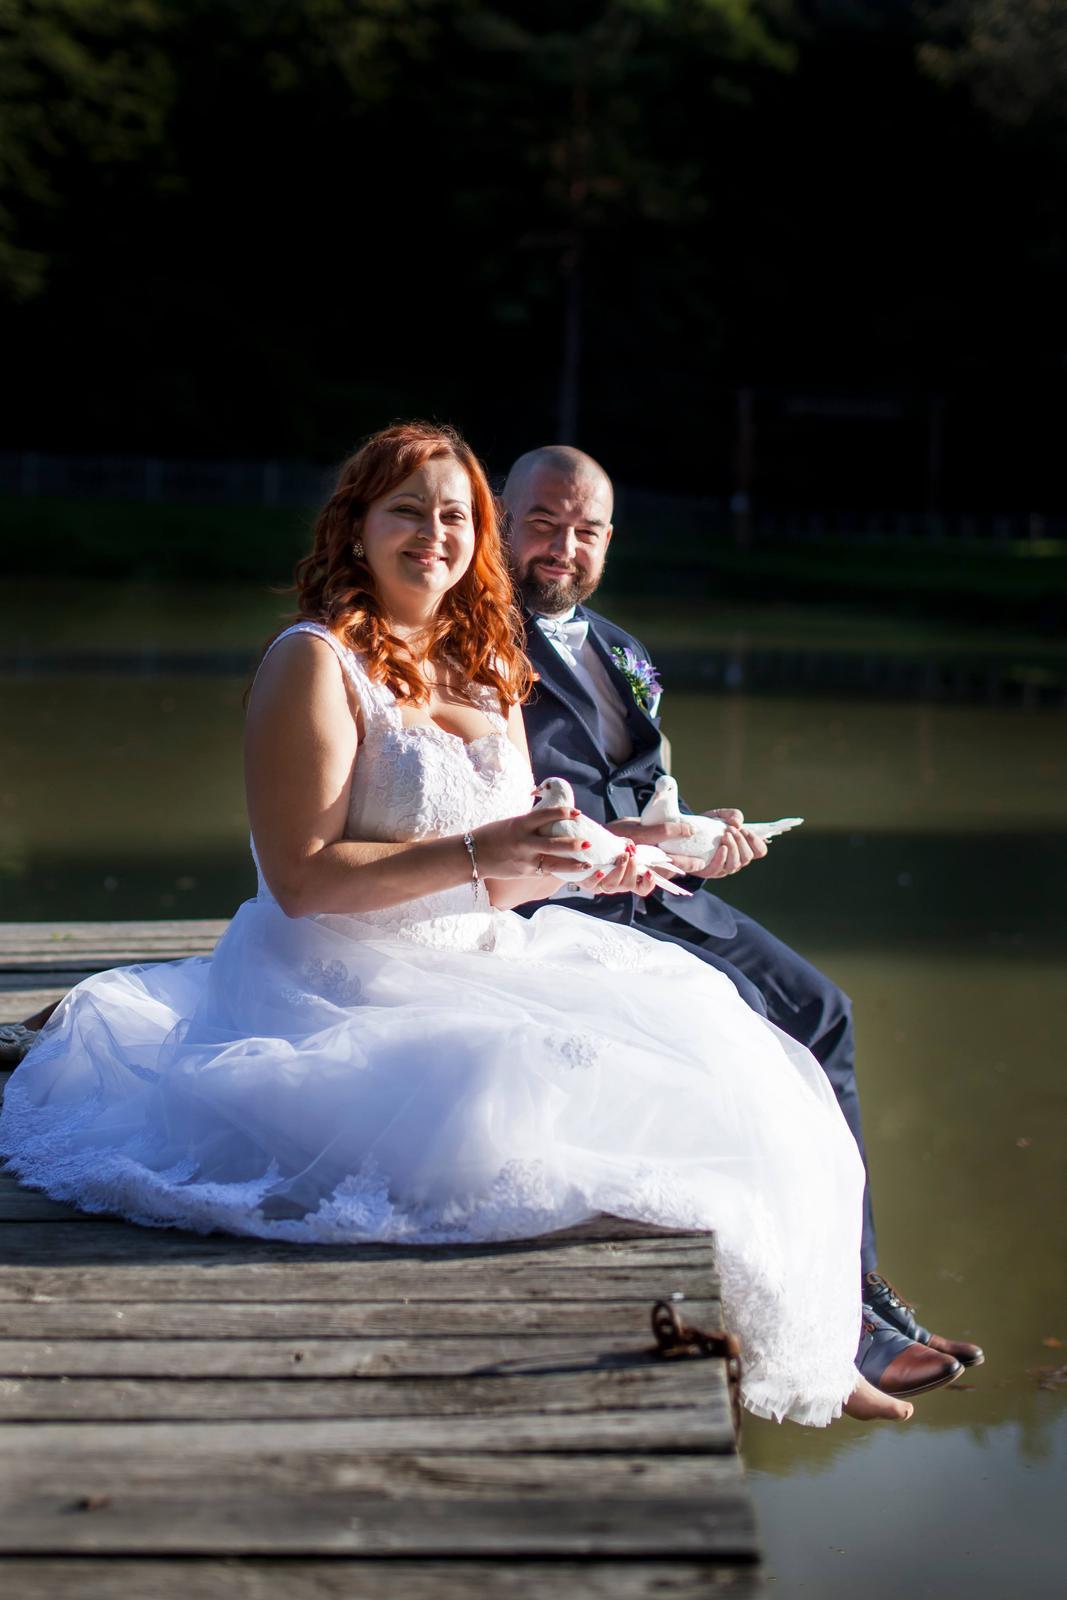 Naša svadba bola 29.7.2017,... - Obrázok č. 1